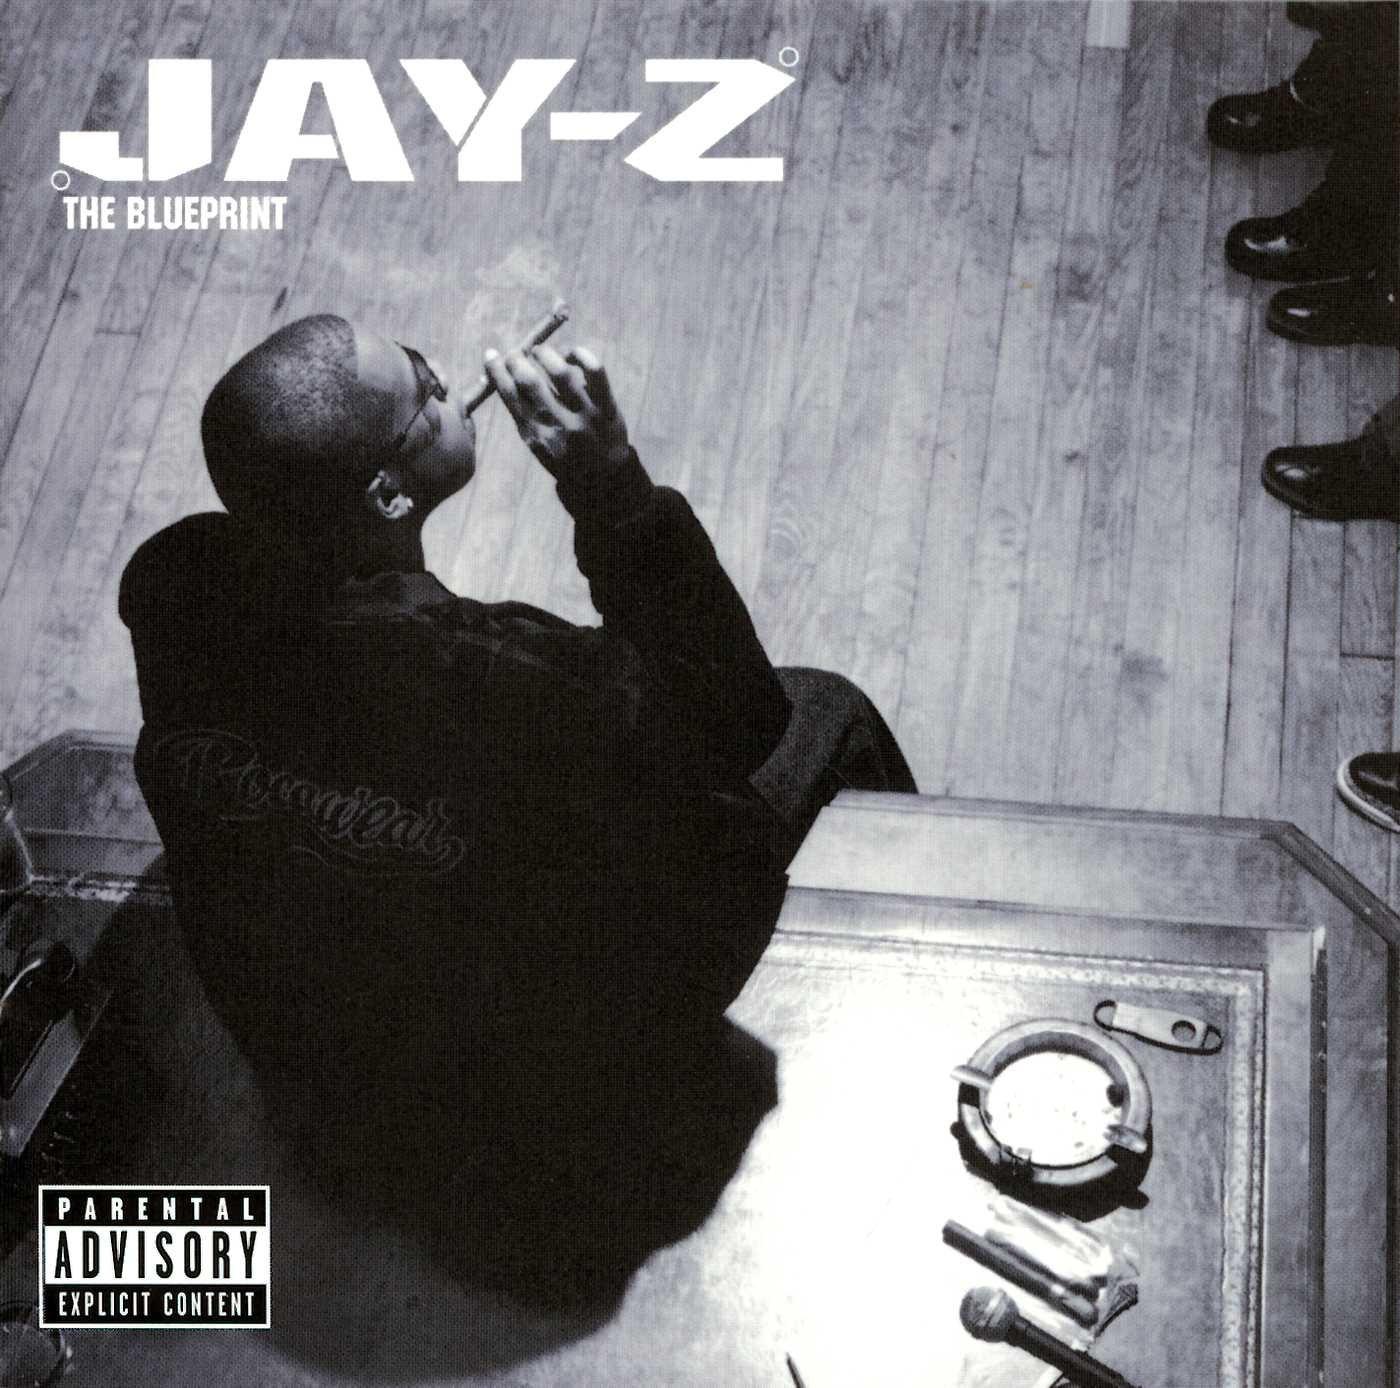 Jay z the blueprint amazon music malvernweather Choice Image